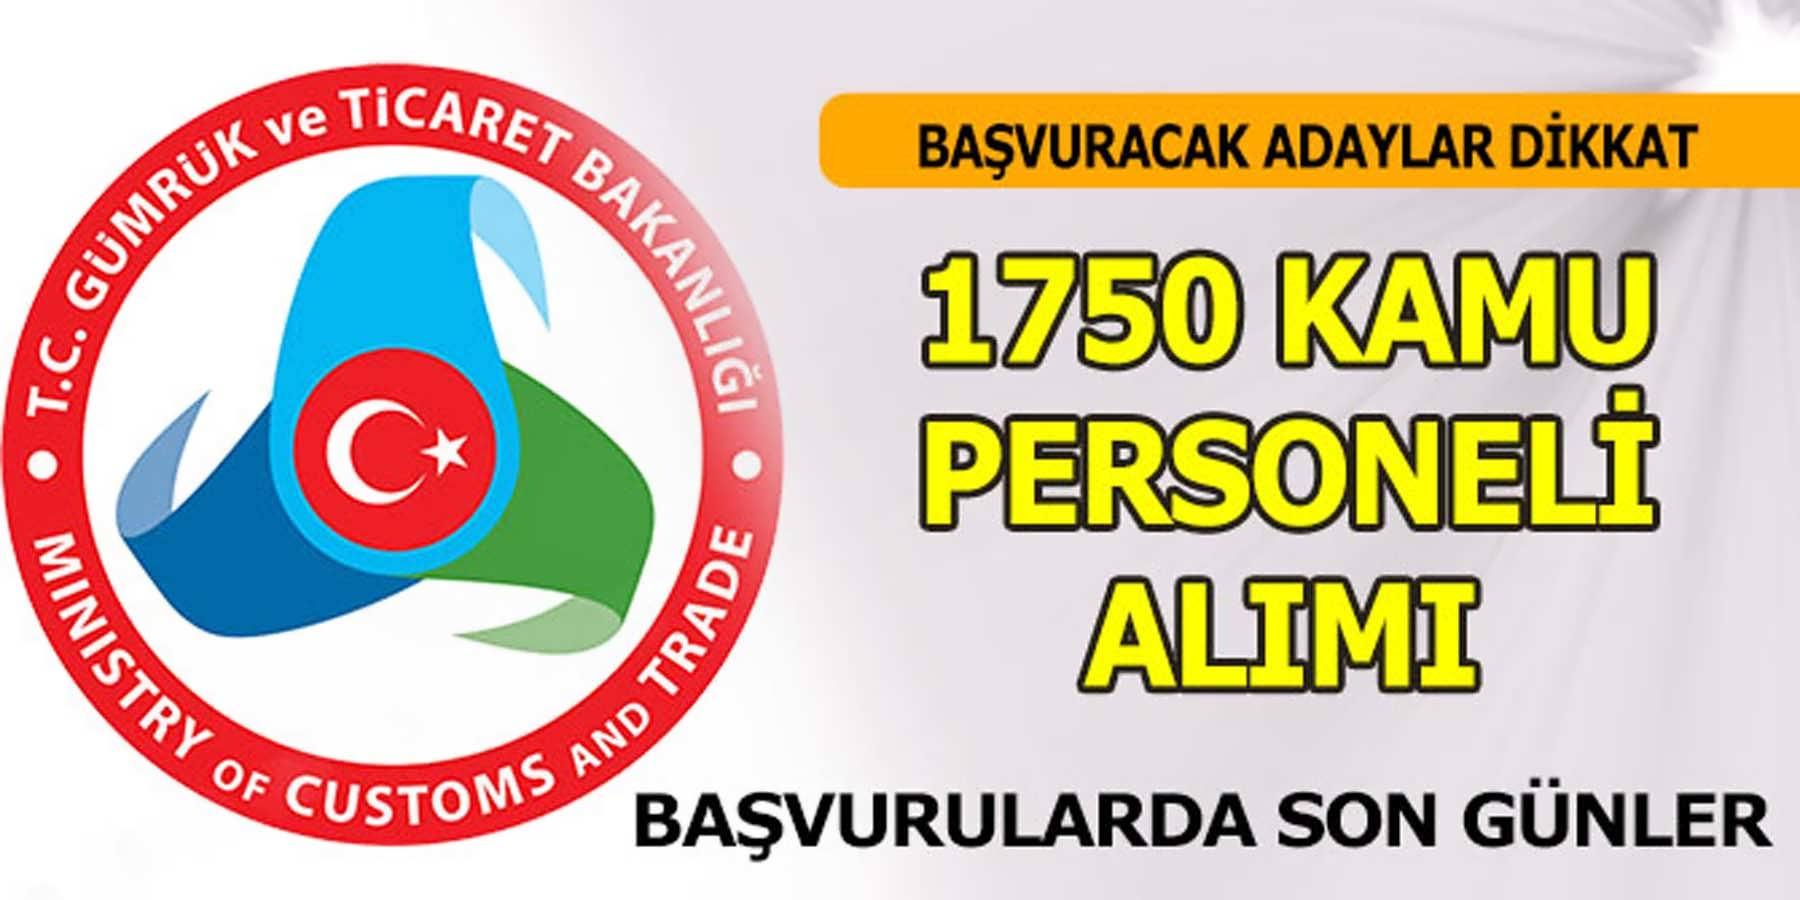 Gümrük Ve Ticaret Bakanlığı 1750 Personel Başvurusu